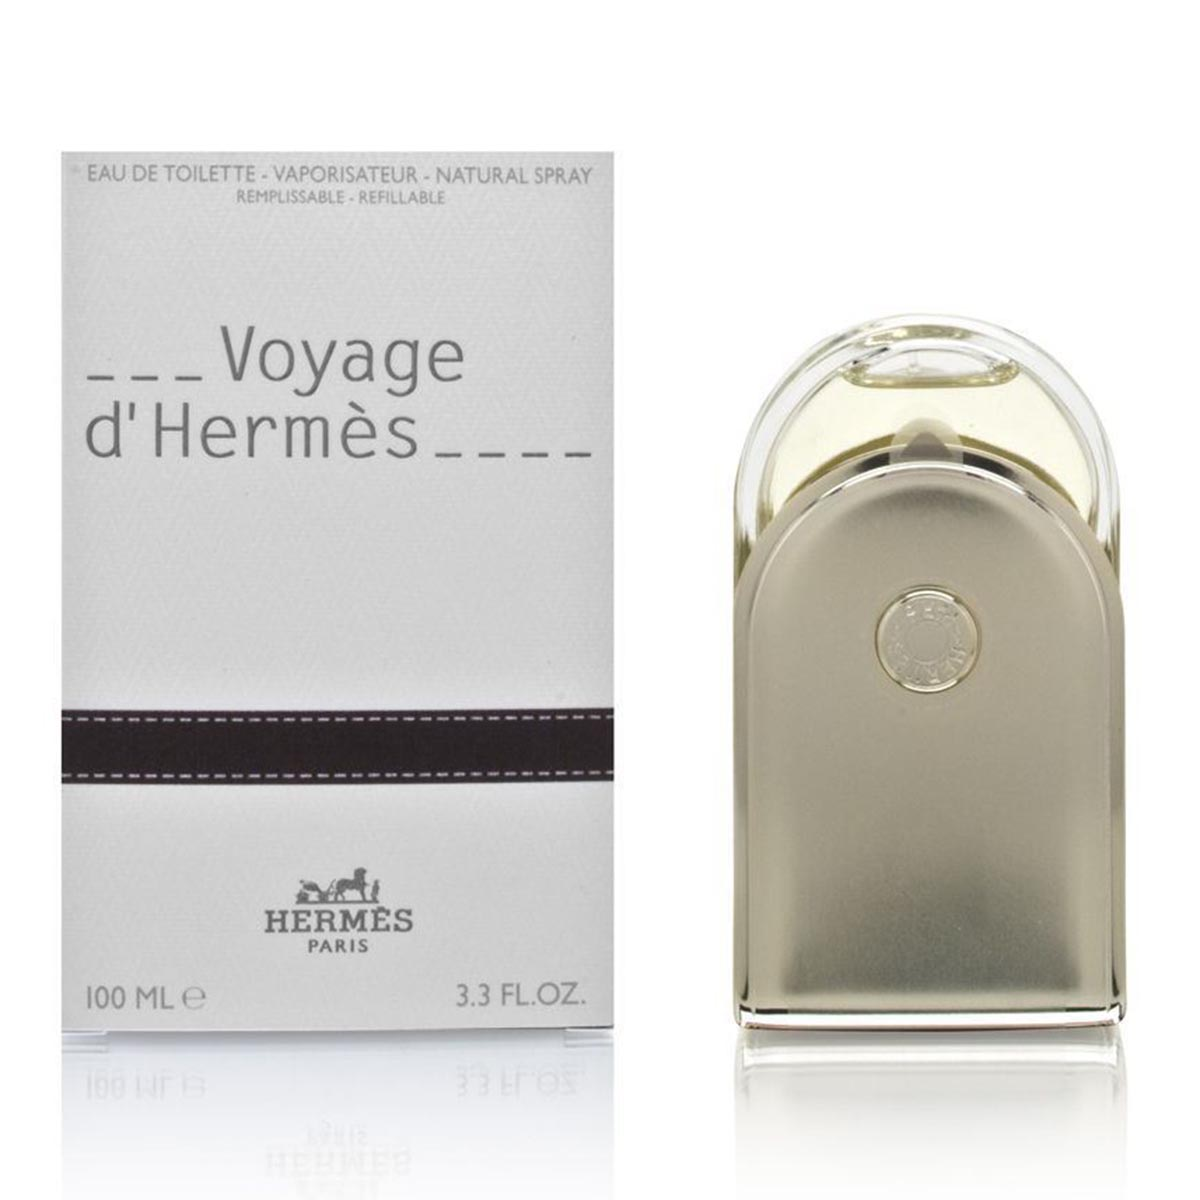 Hermes voyage eau de toilette 100ml vaporizador